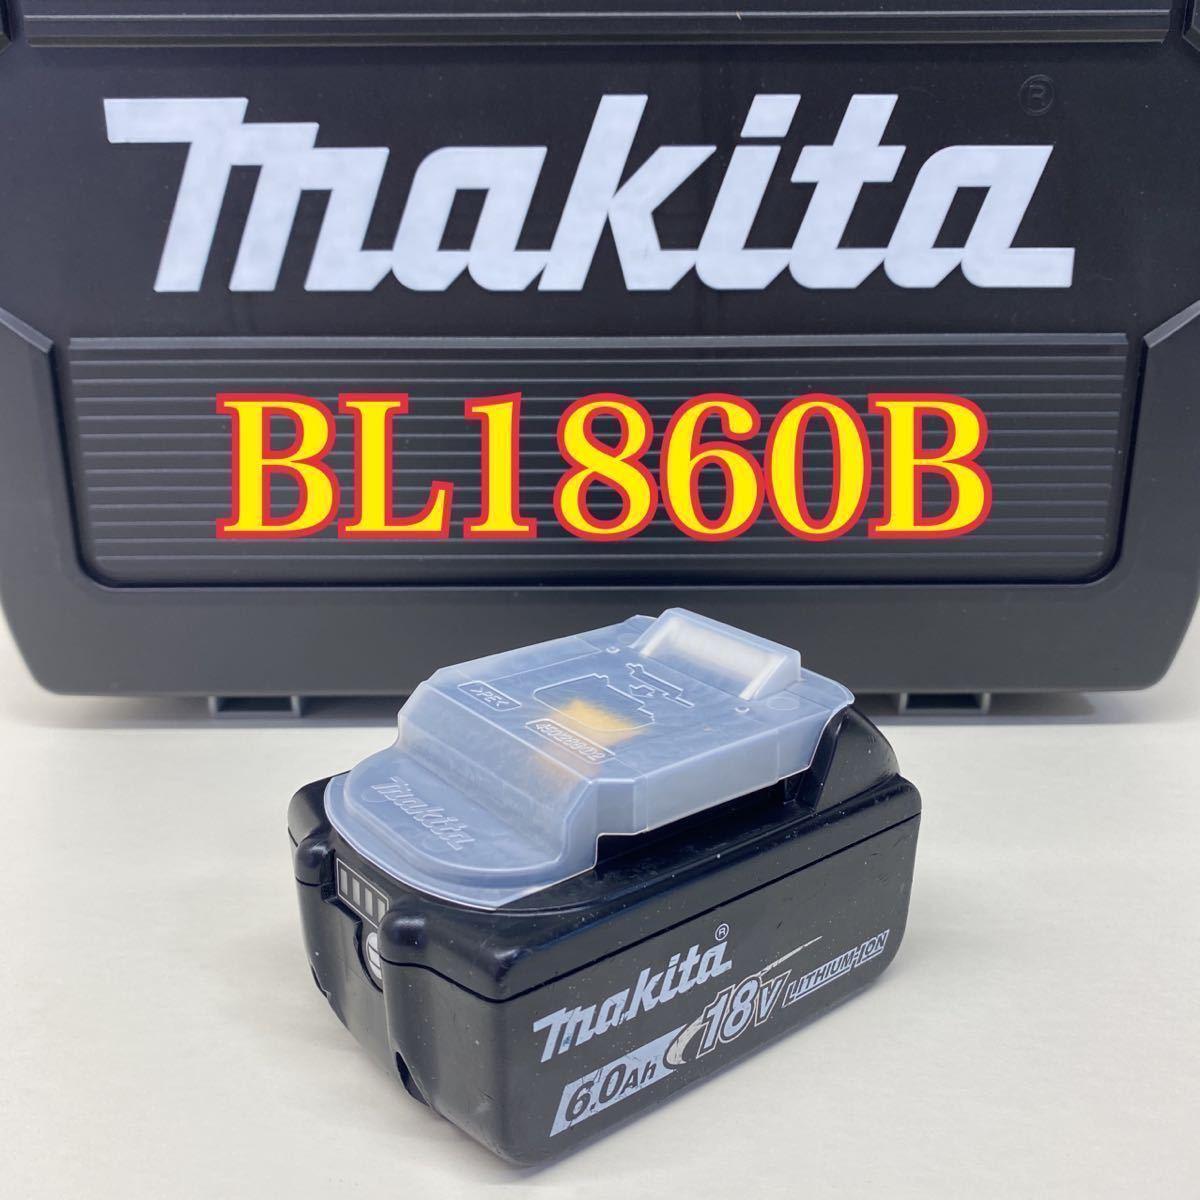 【中古・10回】マキタ Makita BL1860B リチュウムイオンバッテリ 18v 6.0Ah 雪マーク 残量表示付き 純正品/TD171D/TD170Dなどに/BL1830B